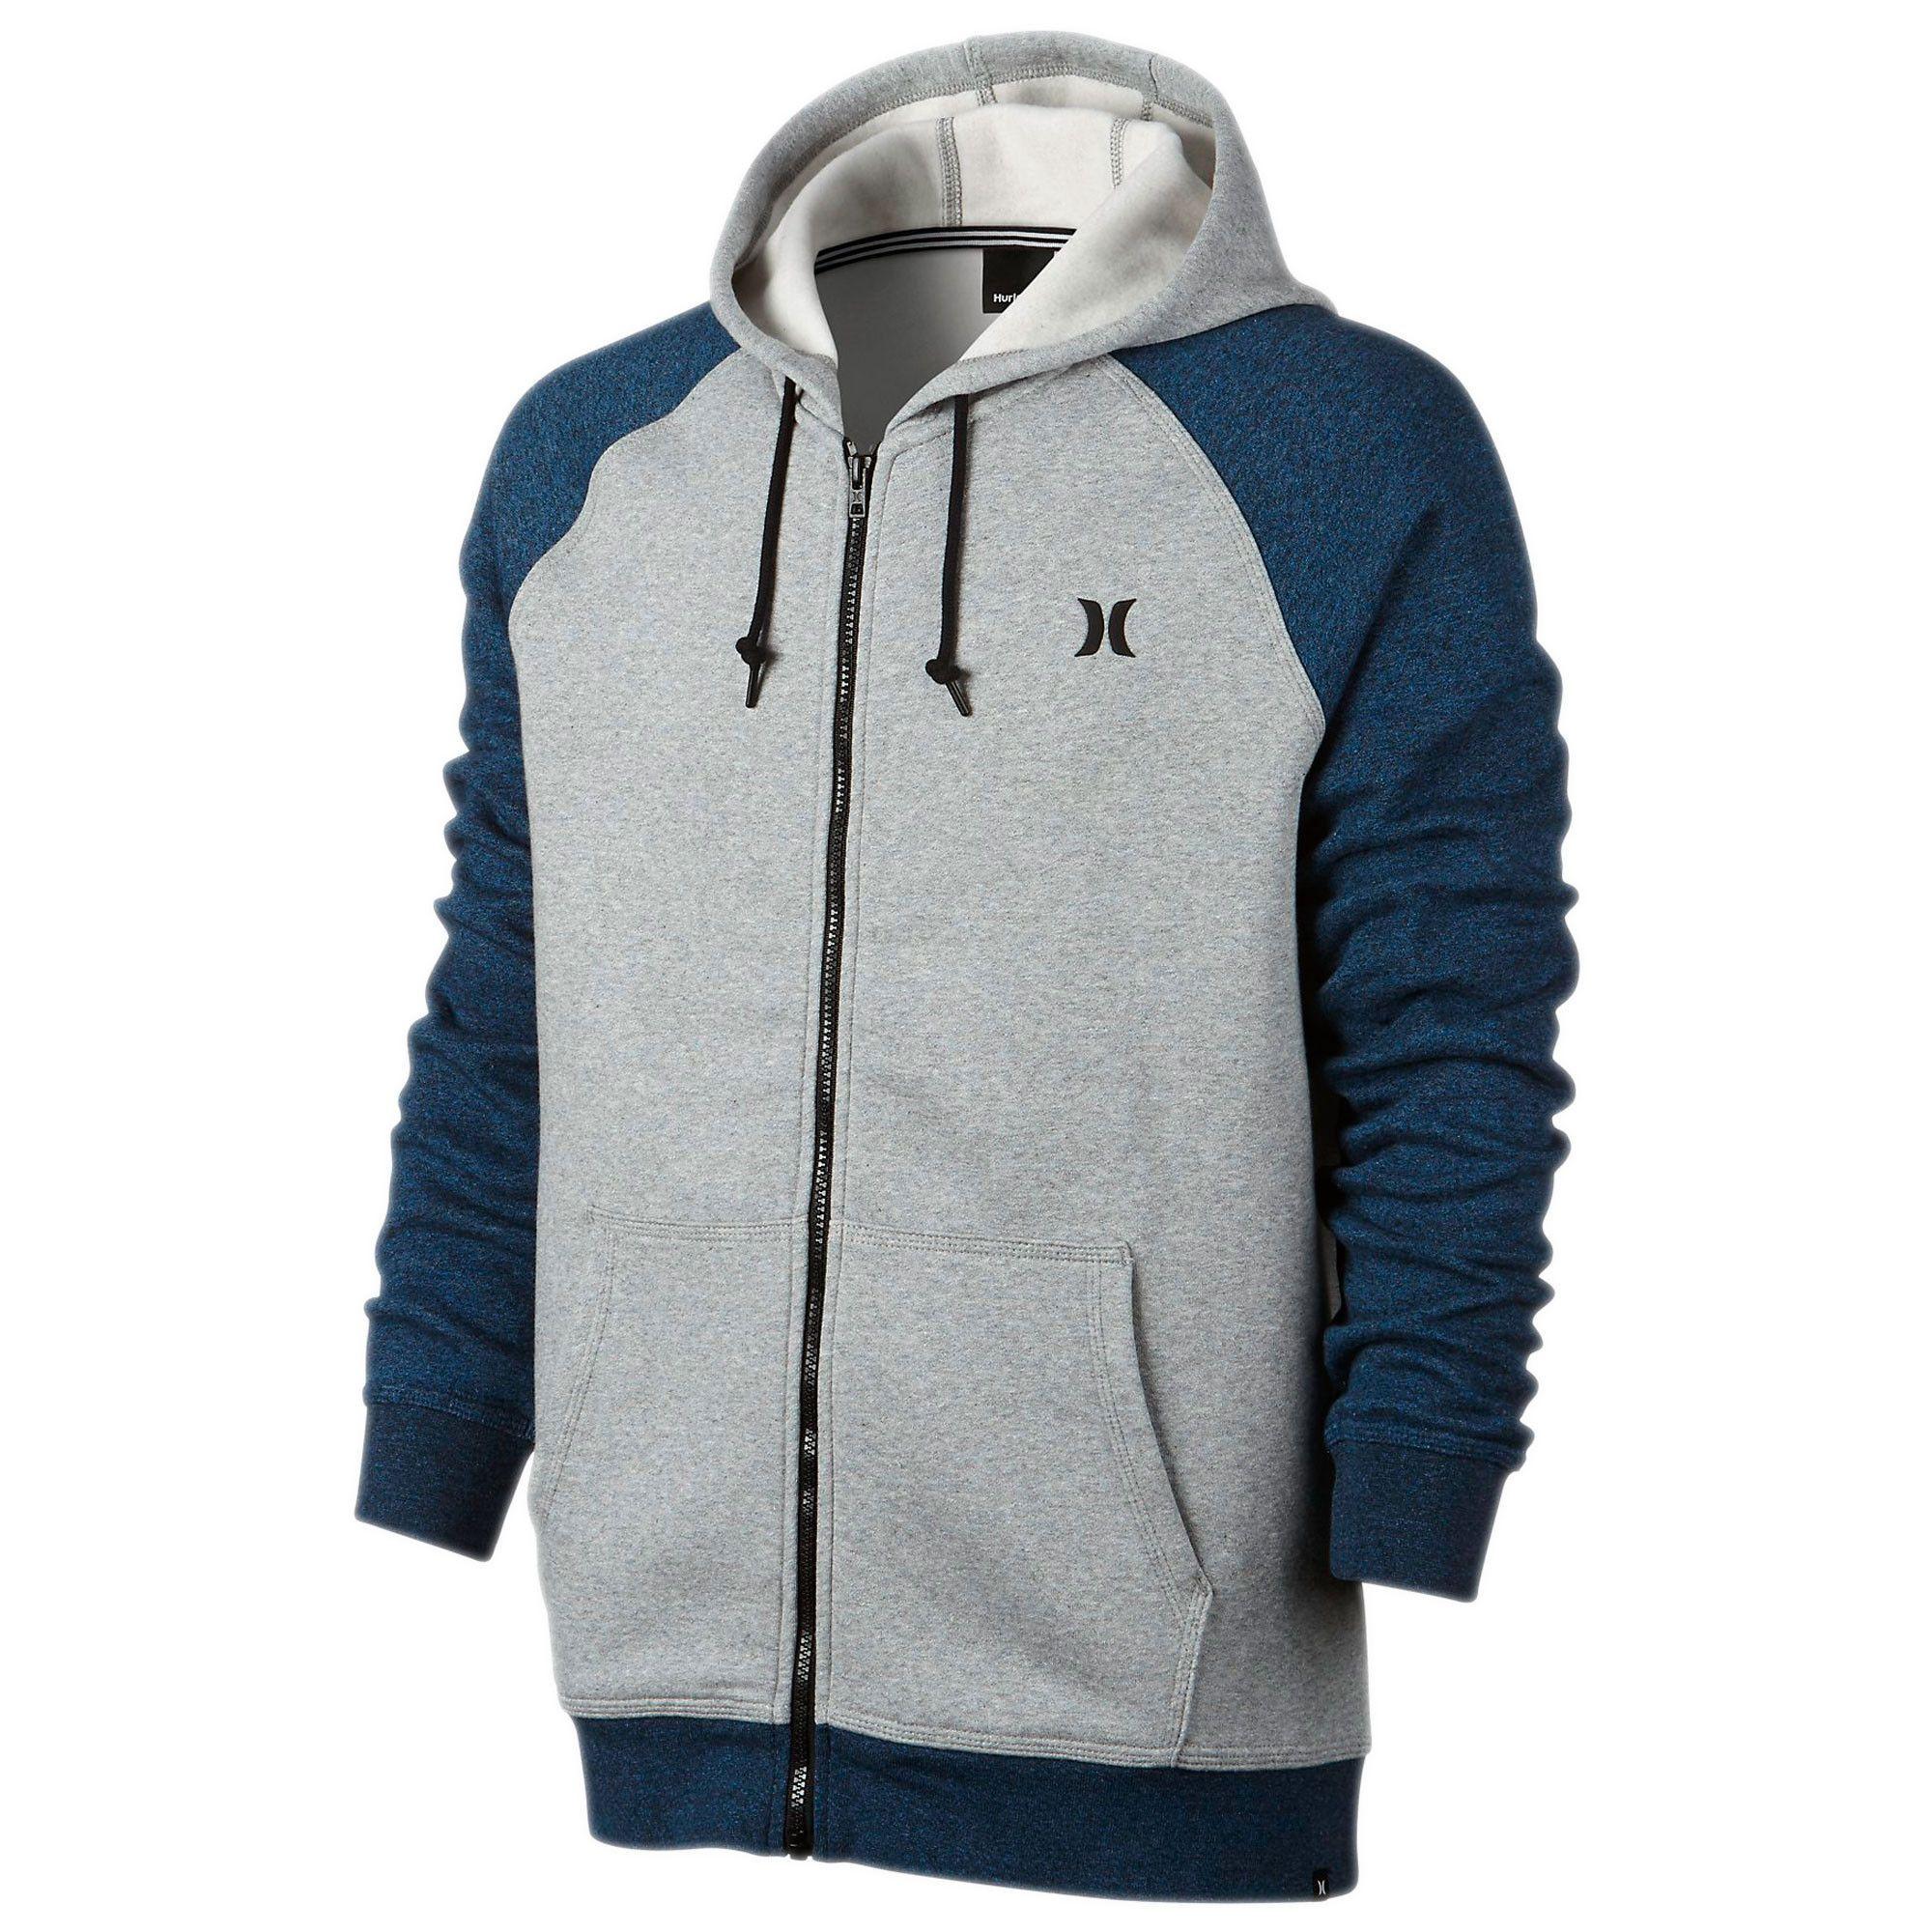 Hurley Men's Getaway Fleece Full-Zip Hoodie, Available at